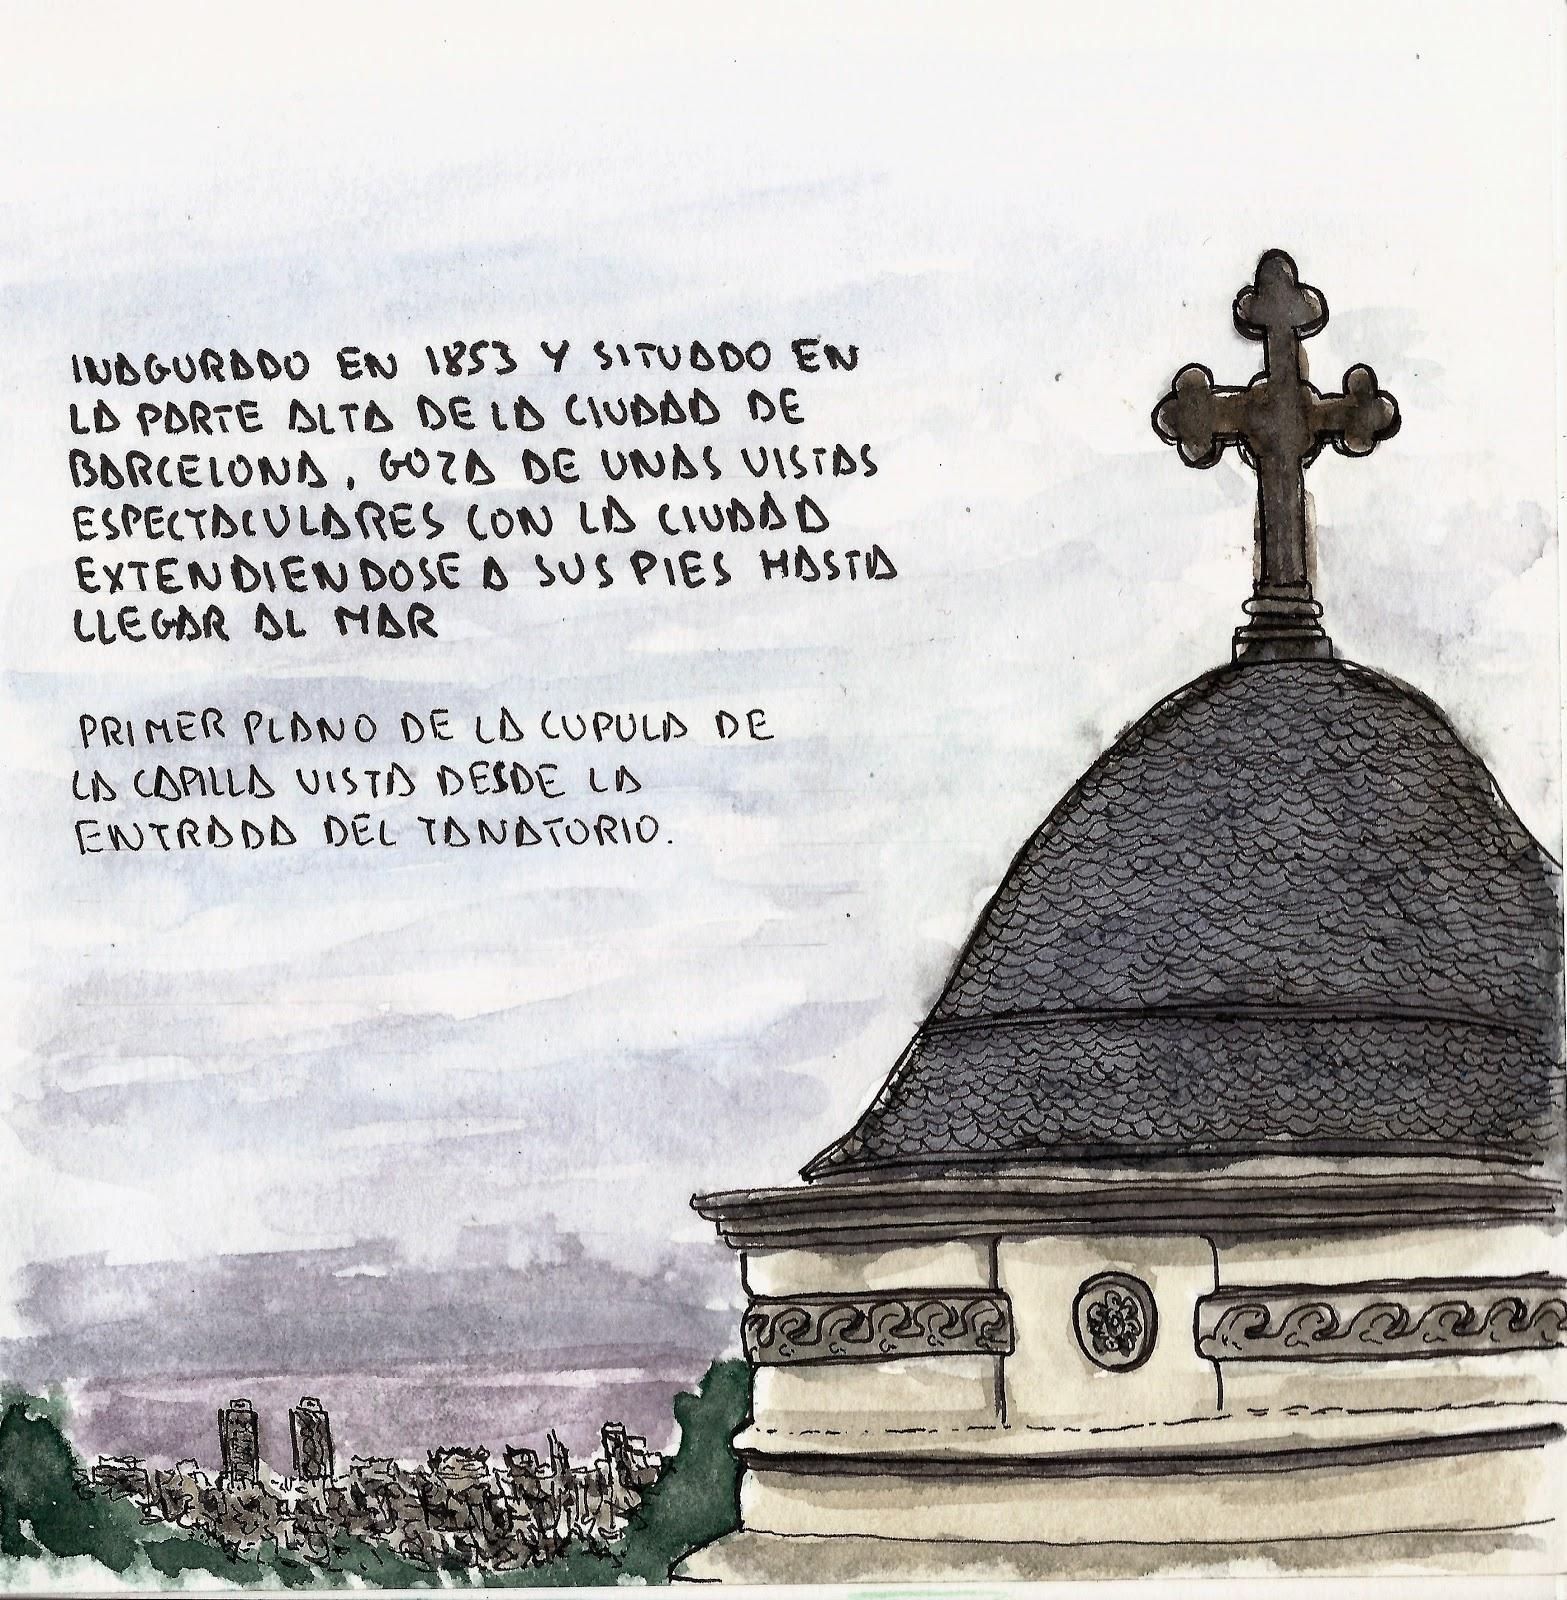 De dibujo en dibujo cementeri de sant gervasi - Tanatorio sant gervasi ...